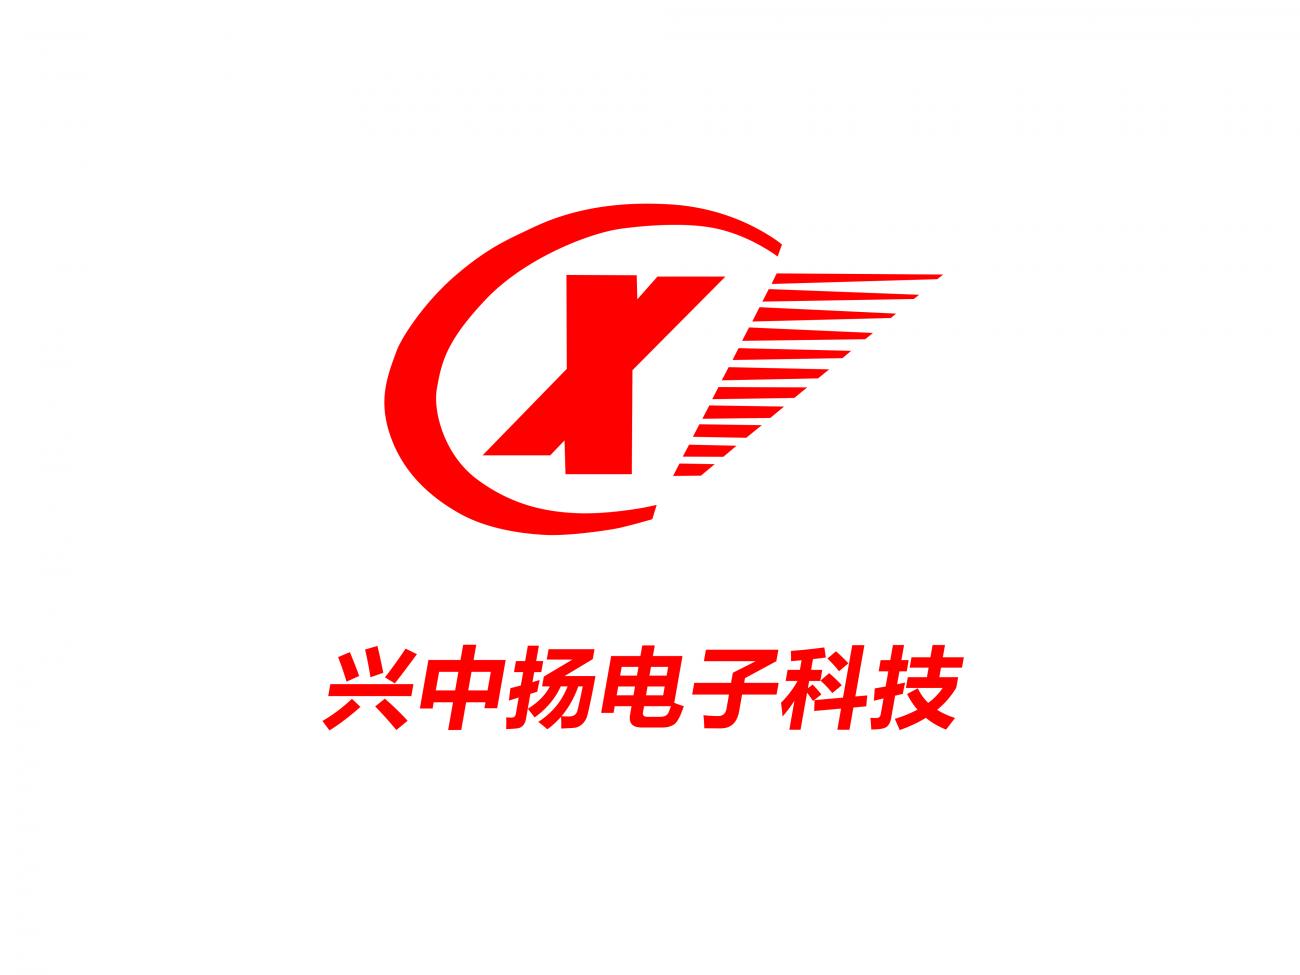 深圳兴中扬电子科技有限公司